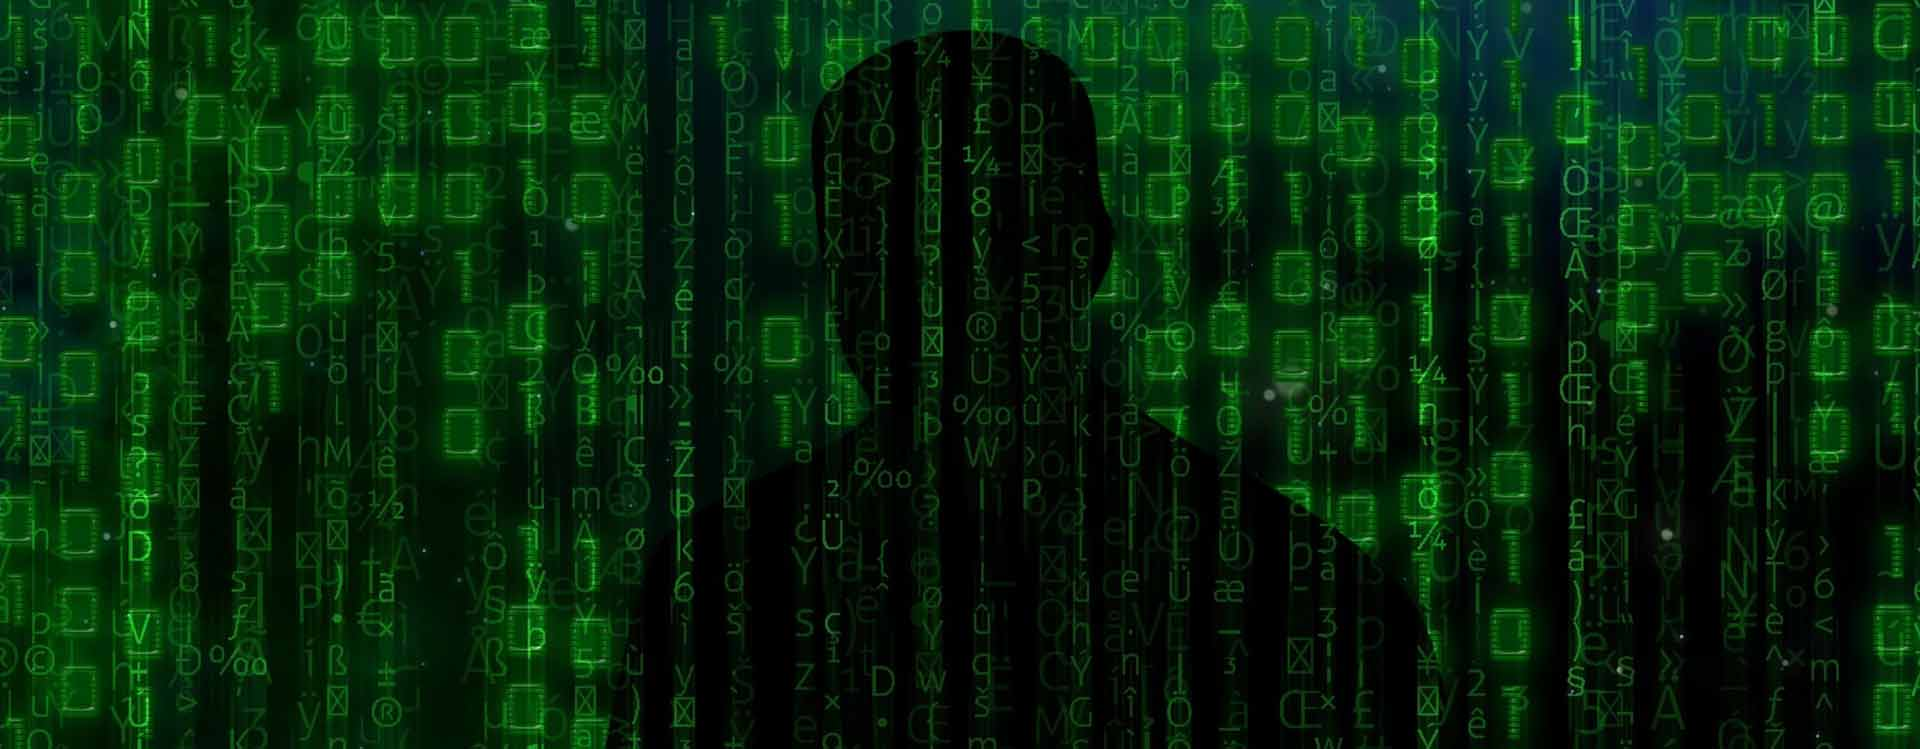 Internetstrafrecht, Rechtsanwalt, Strafrecht, Anwalt, Strafverteidiger, Strafverteidigung, Computerbetrug, Datenveränderung, Computersabotage, IT-Strafrecht, Computerstrafrecht, Ausspähen von Daten, Aufforderung zu Straftaten